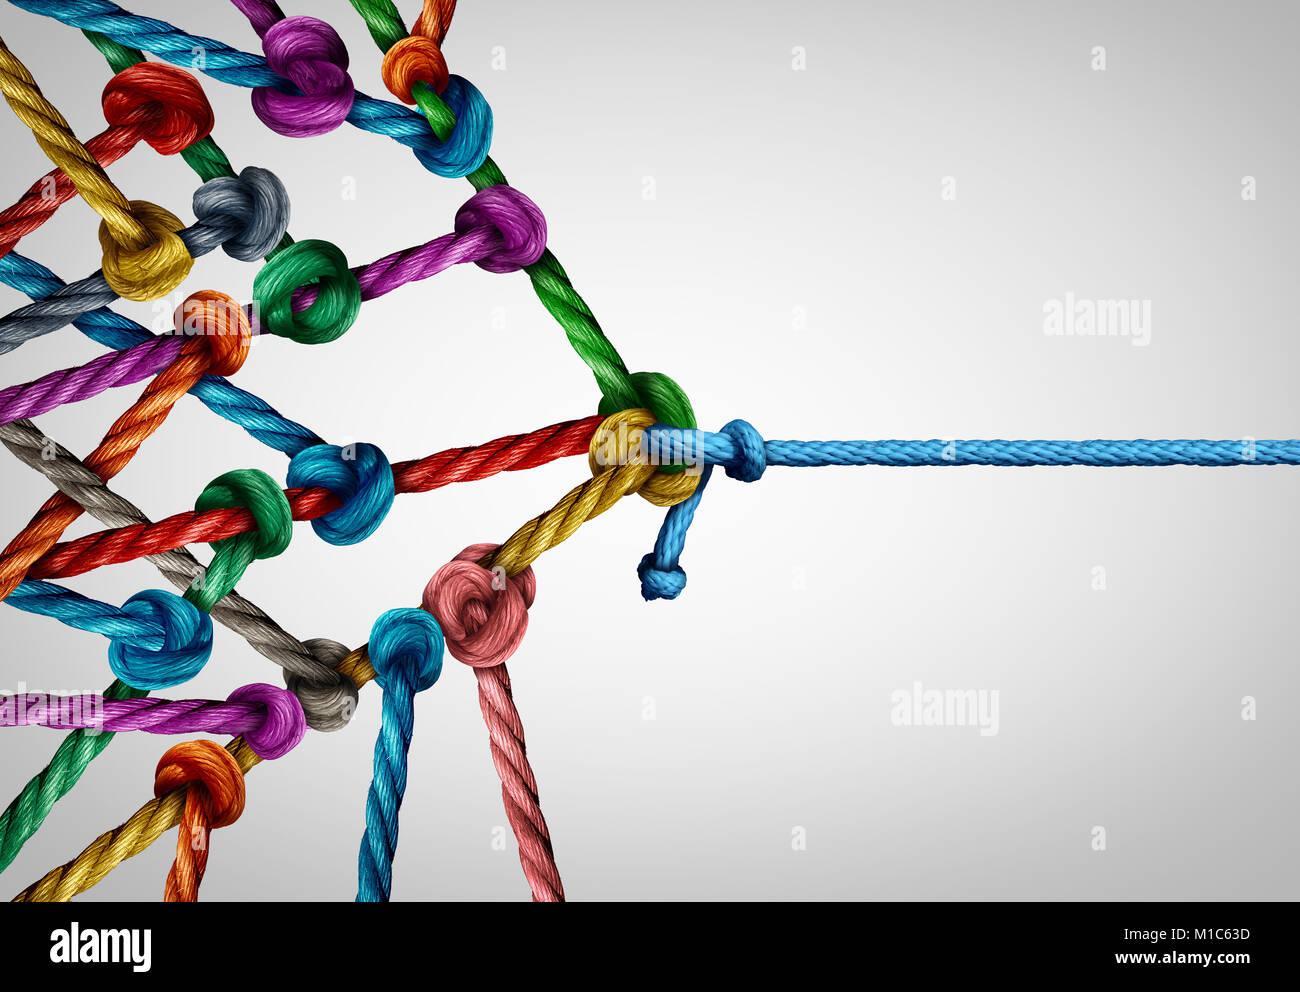 Gegen viele Business Konzept als ein Underdog einzigen Seil ziehen in ein Tauziehen mit einer großen Gruppe Stockbild